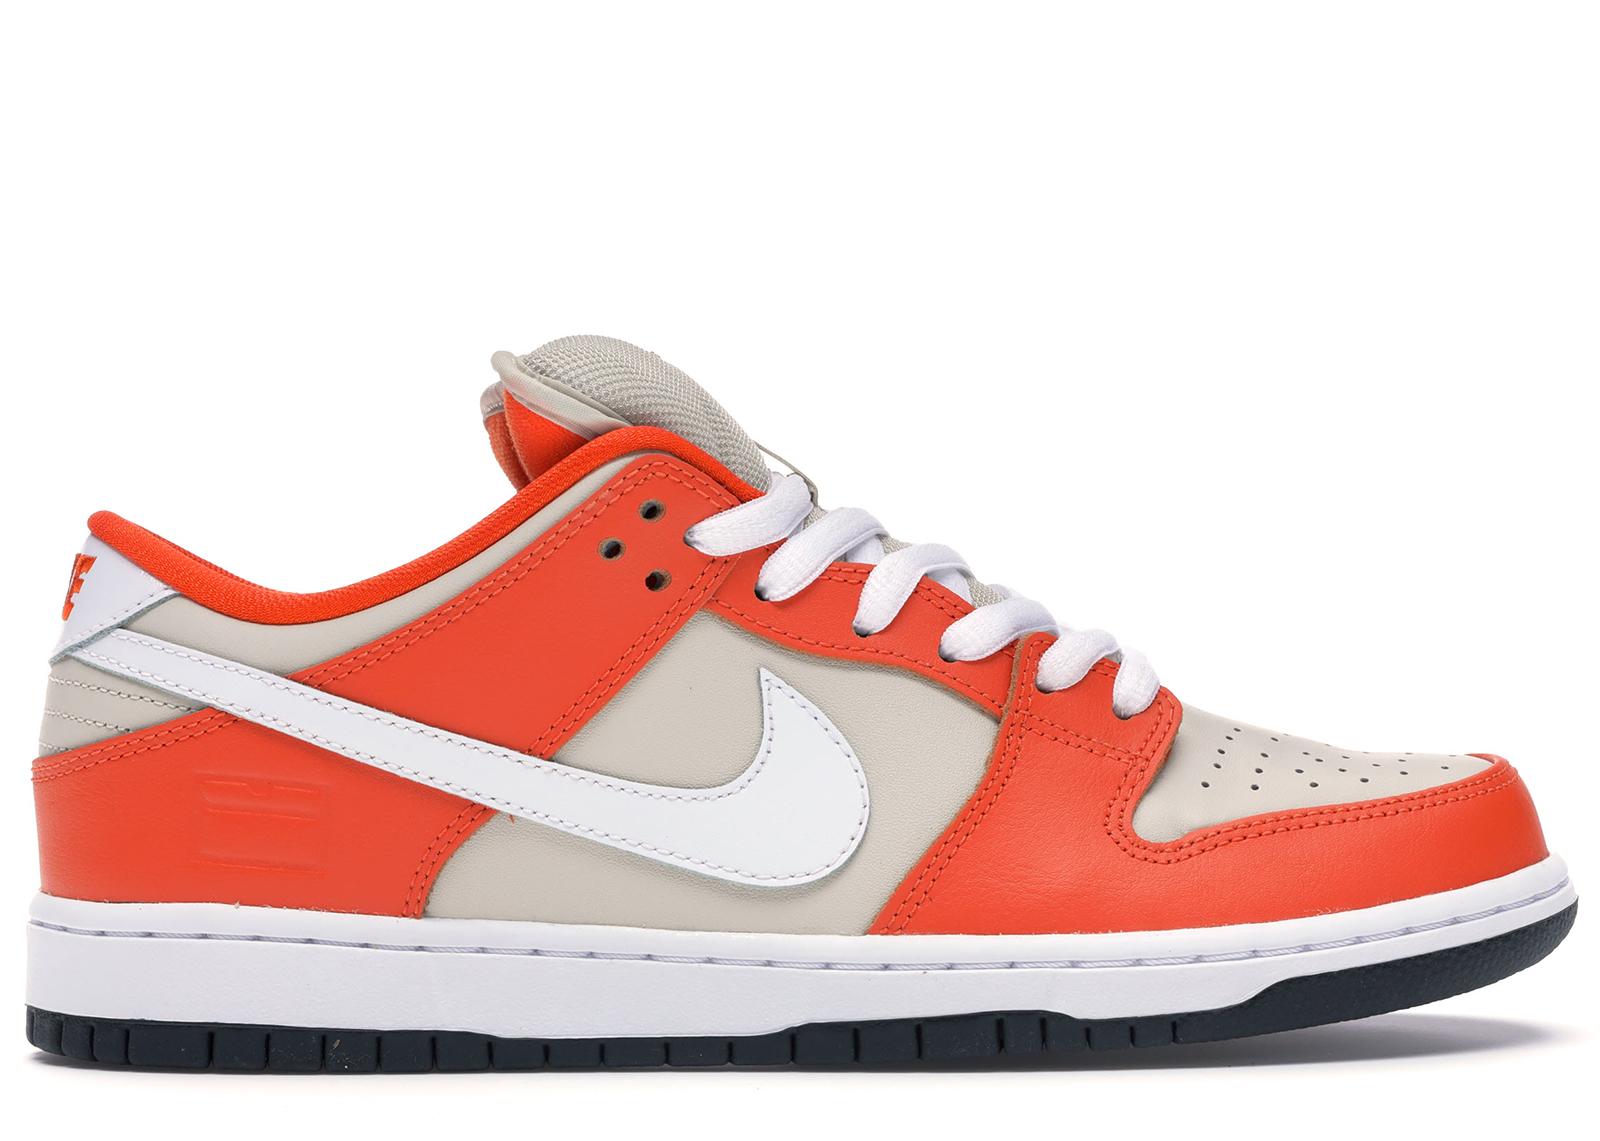 Nike Dunk SB Low Orange Box - 313170-811